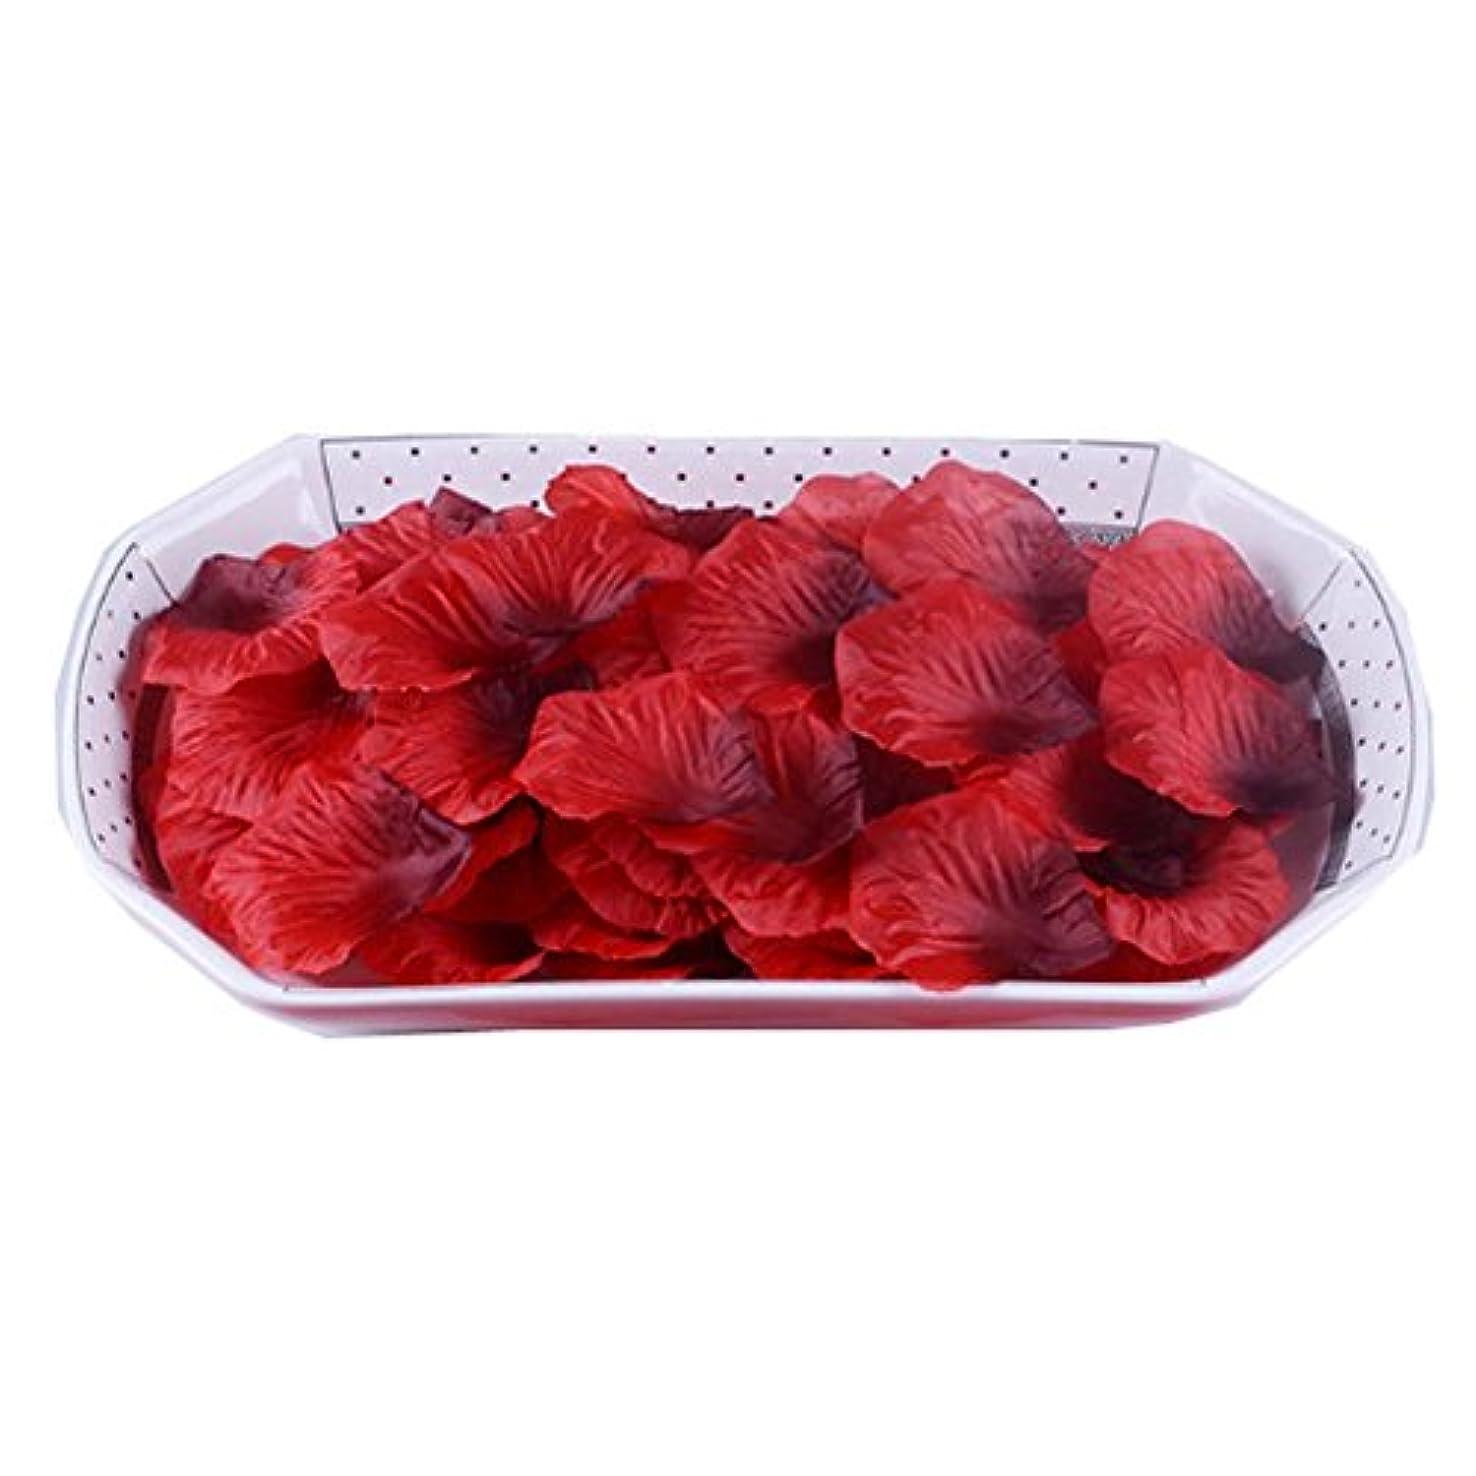 リビングルームペース過ち人工花びらの結婚式の装飾品は、3000の花びらのセットをバラ